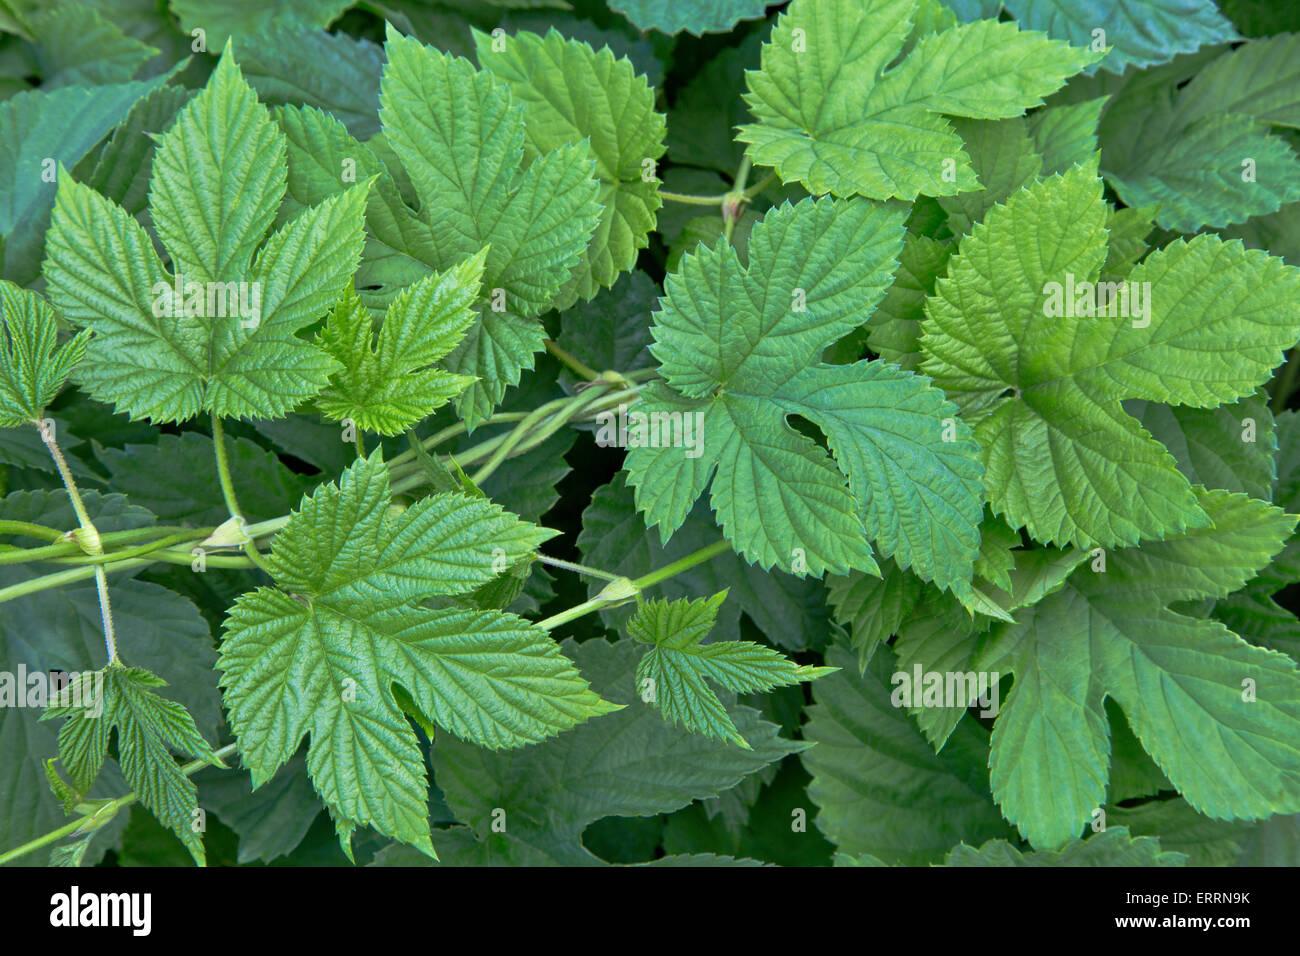 New hop leaves on vine 'Humulus lupulus'. - Stock Image